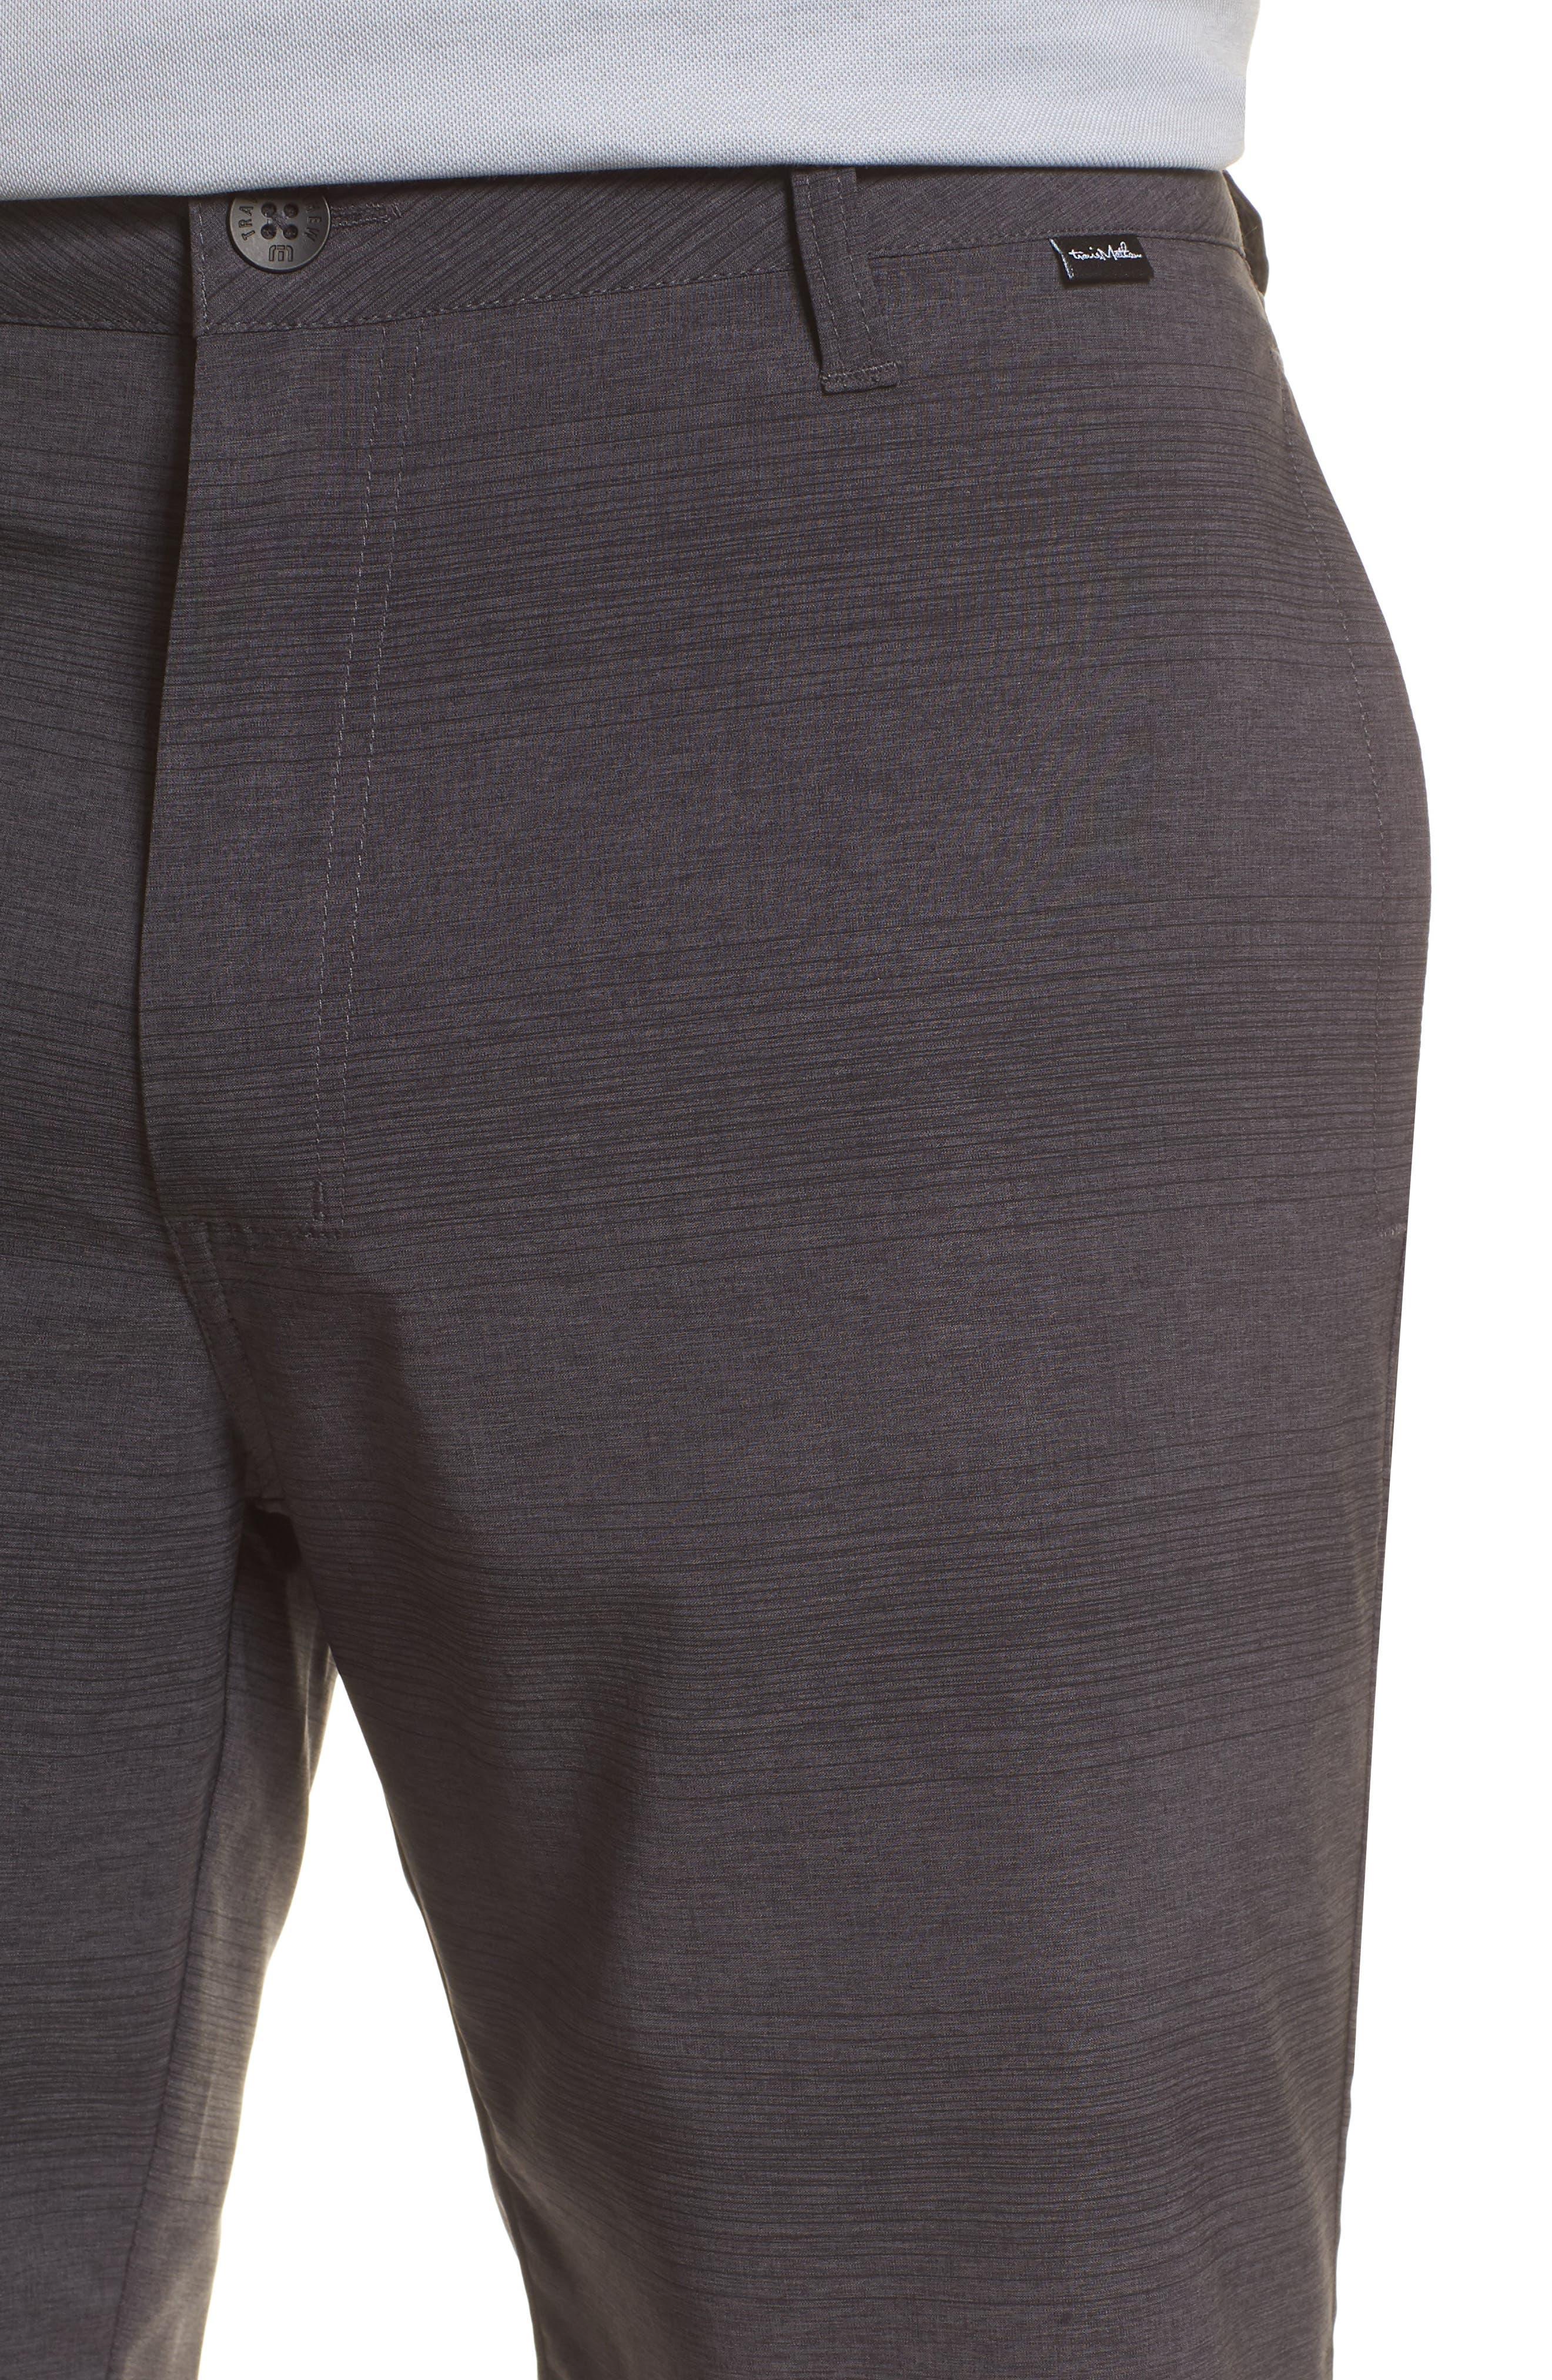 Tepic Shorts,                             Alternate thumbnail 4, color,                             001